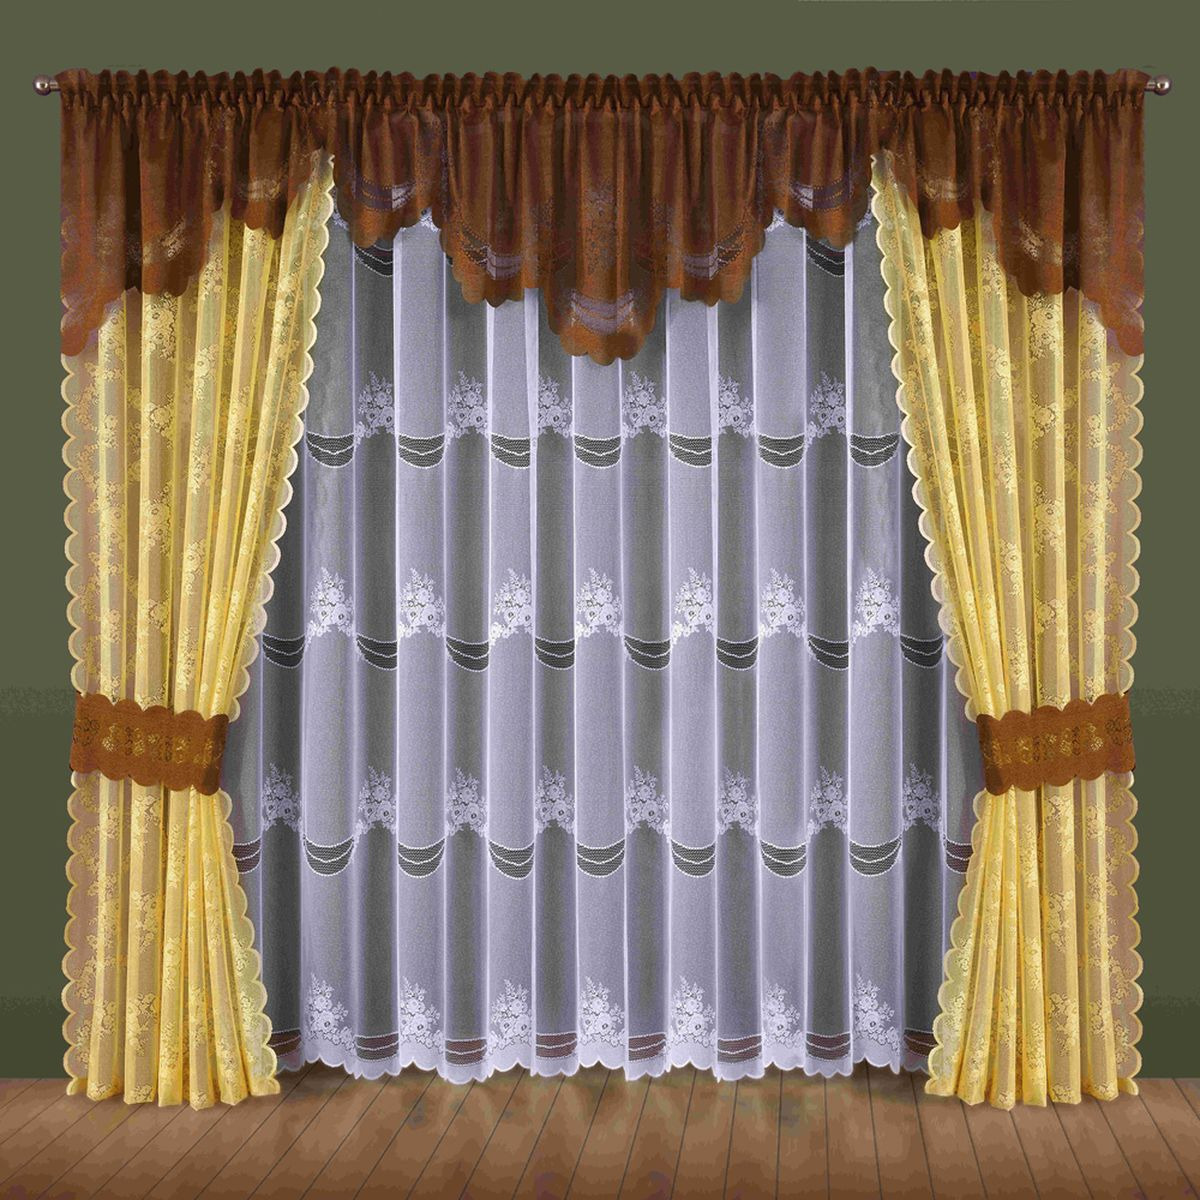 Комплект штор Wisan Nadzieja, на ленте, цвет: желтый, коричневый, высота 250 смSVC-300Комплект штор Wisan Nadzieja выполненный из полиэстера, великолепно украсит любое окно. В комплект входят 2 шторы, тюль, ламбрекен и 2 подхвата. Интересный крой и нежный узор придают комплекту особый стиль и шарм. Тонкое плетение, нежная цветовая гамма и роскошное исполнение - все это делает шторы Wisan Nadzieja замечательным дополнением интерьера помещения.Комплект оснащен шторной лентой для красивой сборки. В комплект входит: Штора - 2 шт. Размер (ШхВ): 145 см х 250 см. Тюль - 1 шт. Размер (ШхВ): 400 см х 250 см. Ламбрекен - 1 шт. Размер (ШхВ): 440 см х 70 см. Подхват - 2 шт.Фирма Wisan на польском рынке существует уже более пятидесяти лет и является одной из лучших польских фабрик по производству штор и тканей. Ассортимент фирмы представлен готовыми комплектами штор для гостиной, детской, кухни, а также текстилем для кухни (скатерти, салфетки, дорожки, кухонные занавески). Модельный ряд отличает оригинальный дизайн, высокое качество. Ассортимент продукции постоянно пополняется.